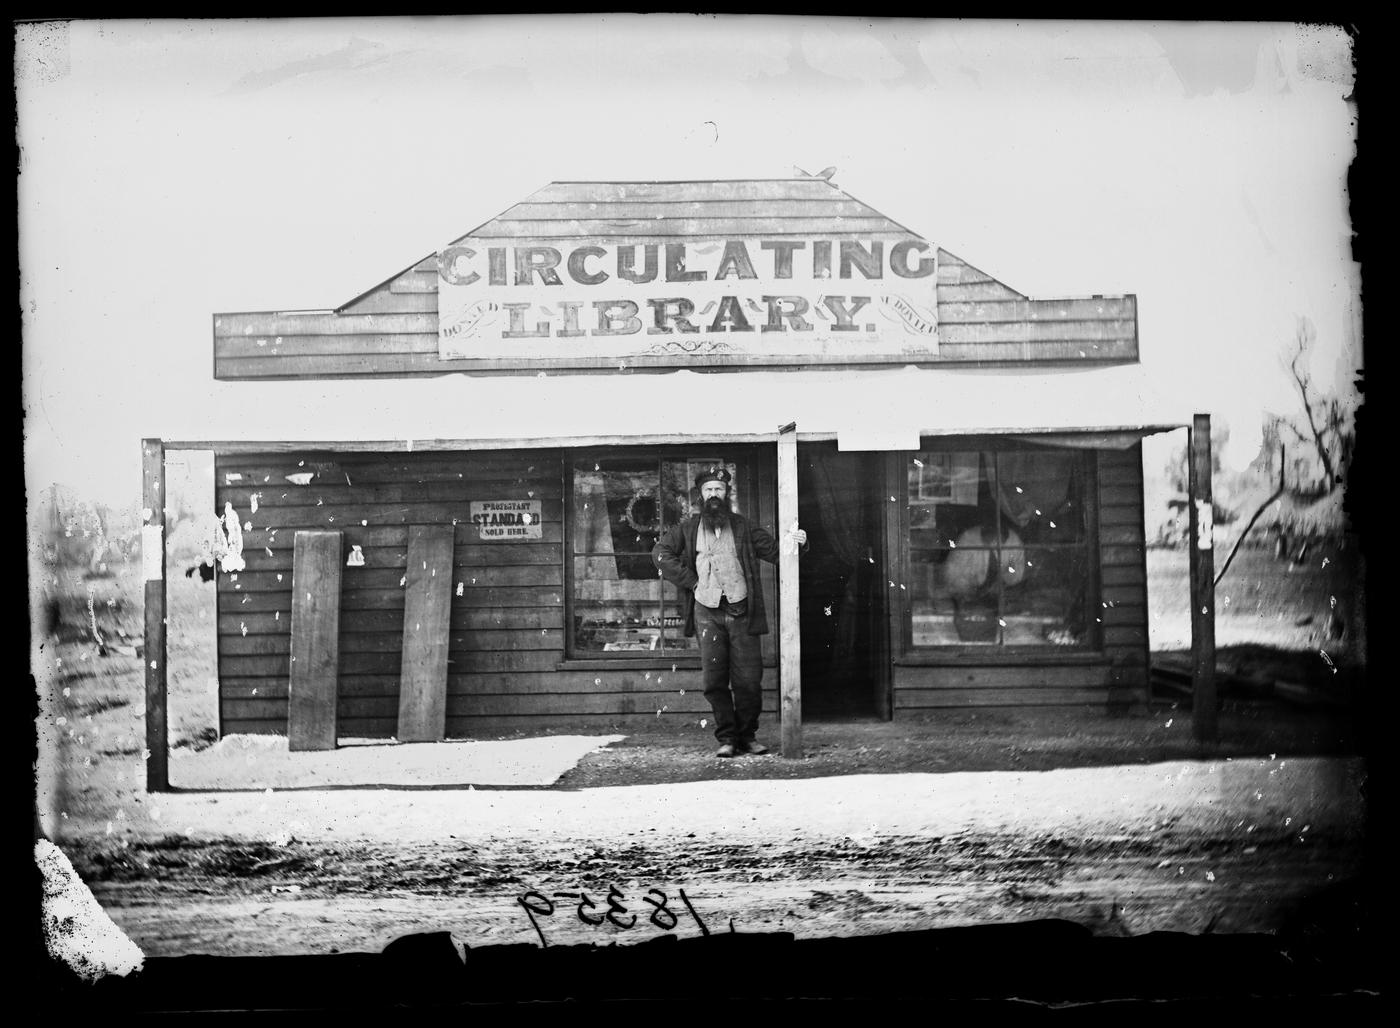 Donald McDonald, stationer, and his Circulating Library, Gulgong